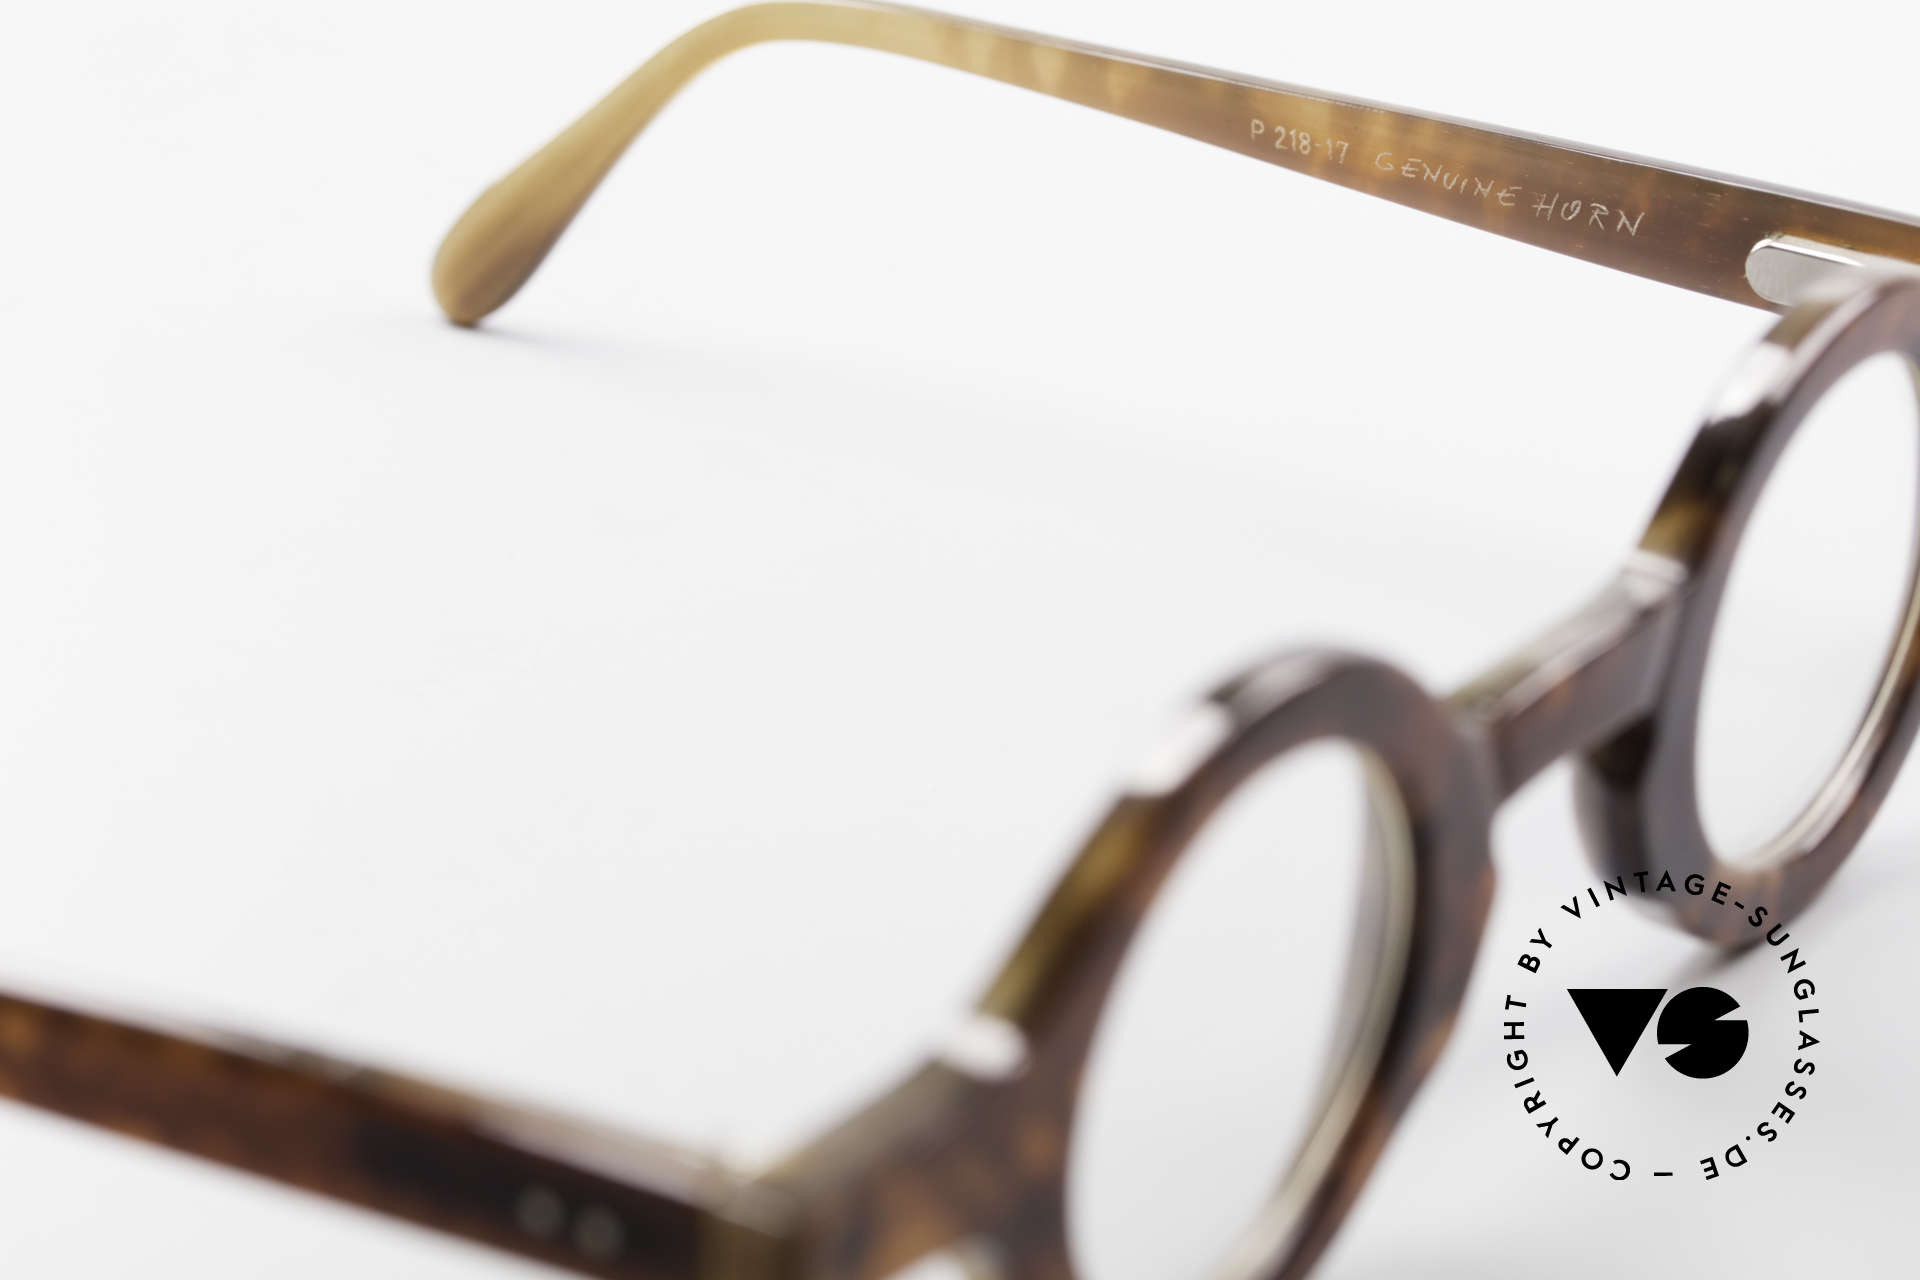 Proksch's P218 Runde Büffelhorn Brille 80er, echtes UNIKAT: heutzutage gar nicht mehr zu bekommen, Passend für Herren und Damen